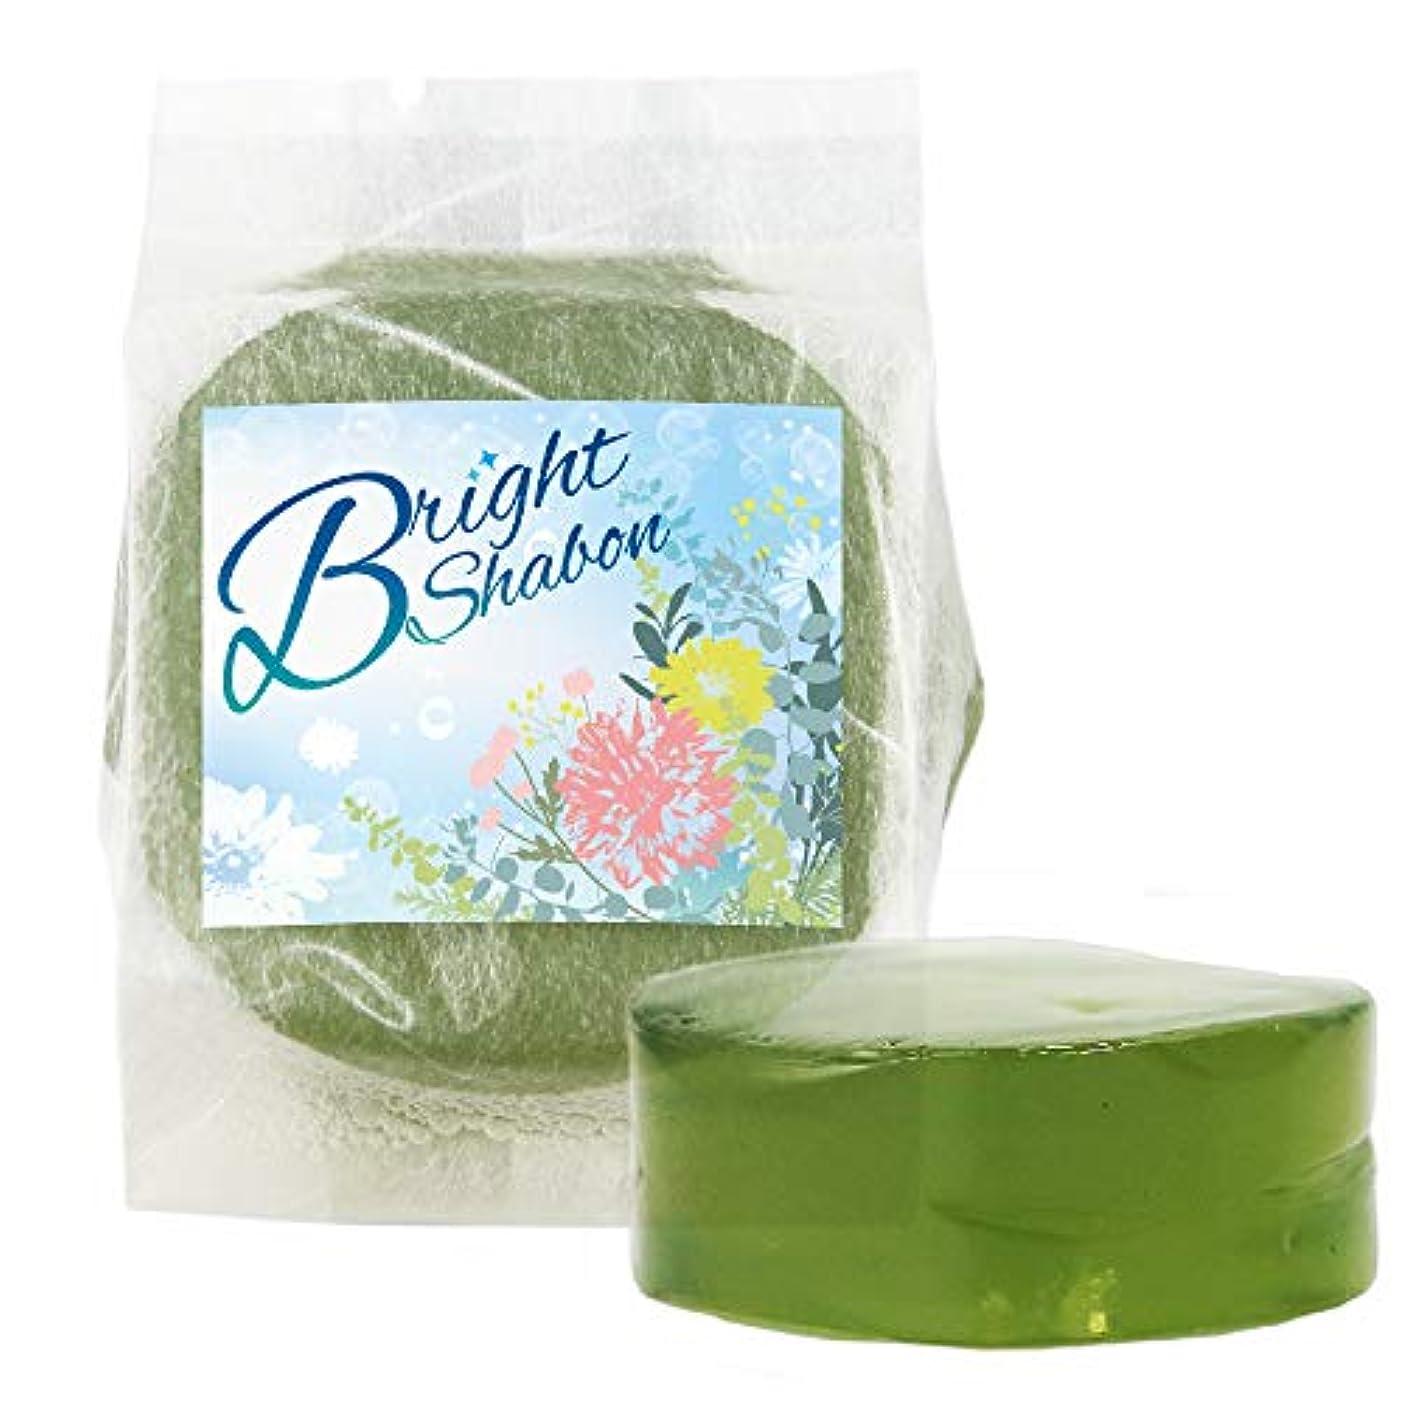 有益人生を作る不平を言うブライトシャボン Bright Shabon 洗顔料 ぷるぷる石鹸 石けん